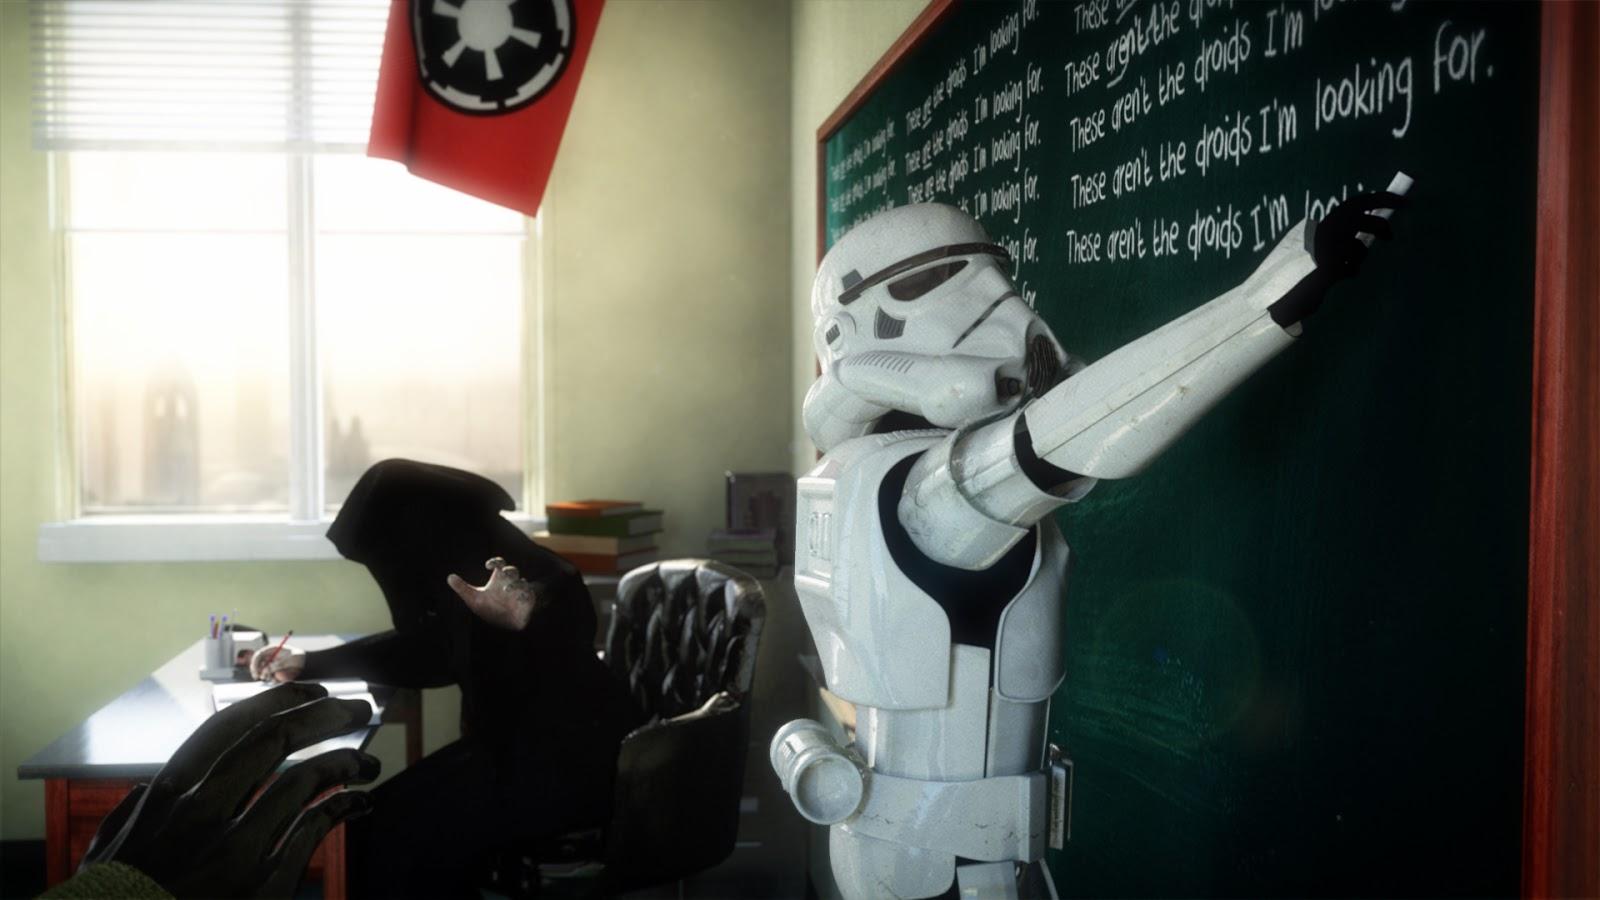 StormTrooper_161014_5